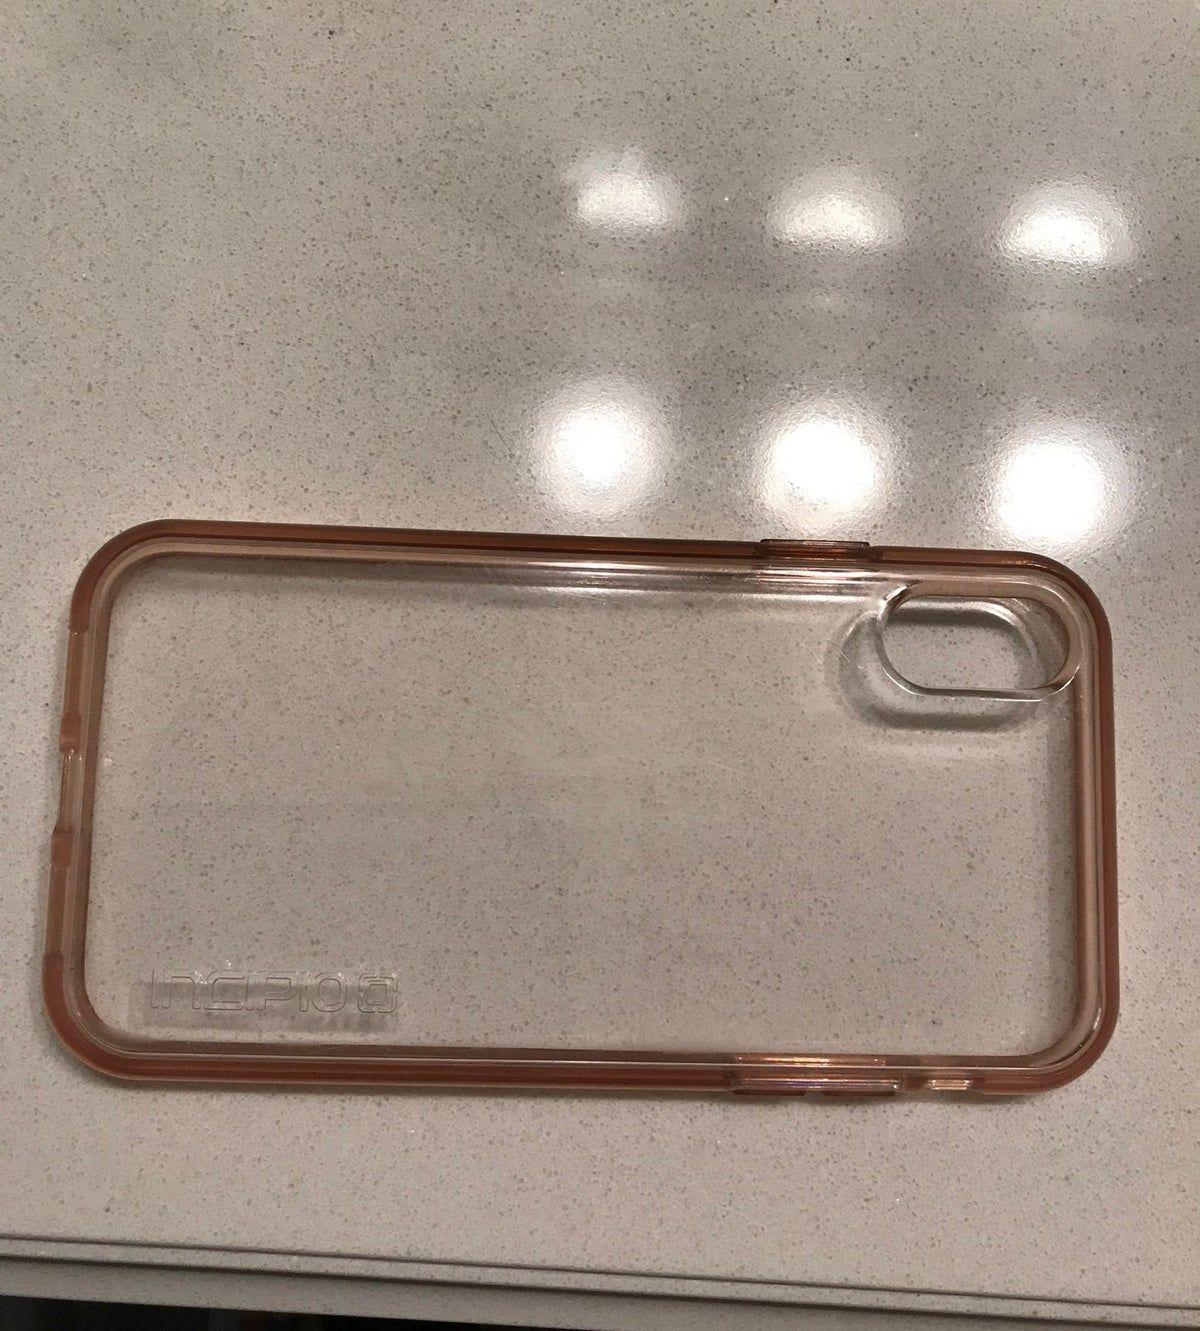 iphone 10R case